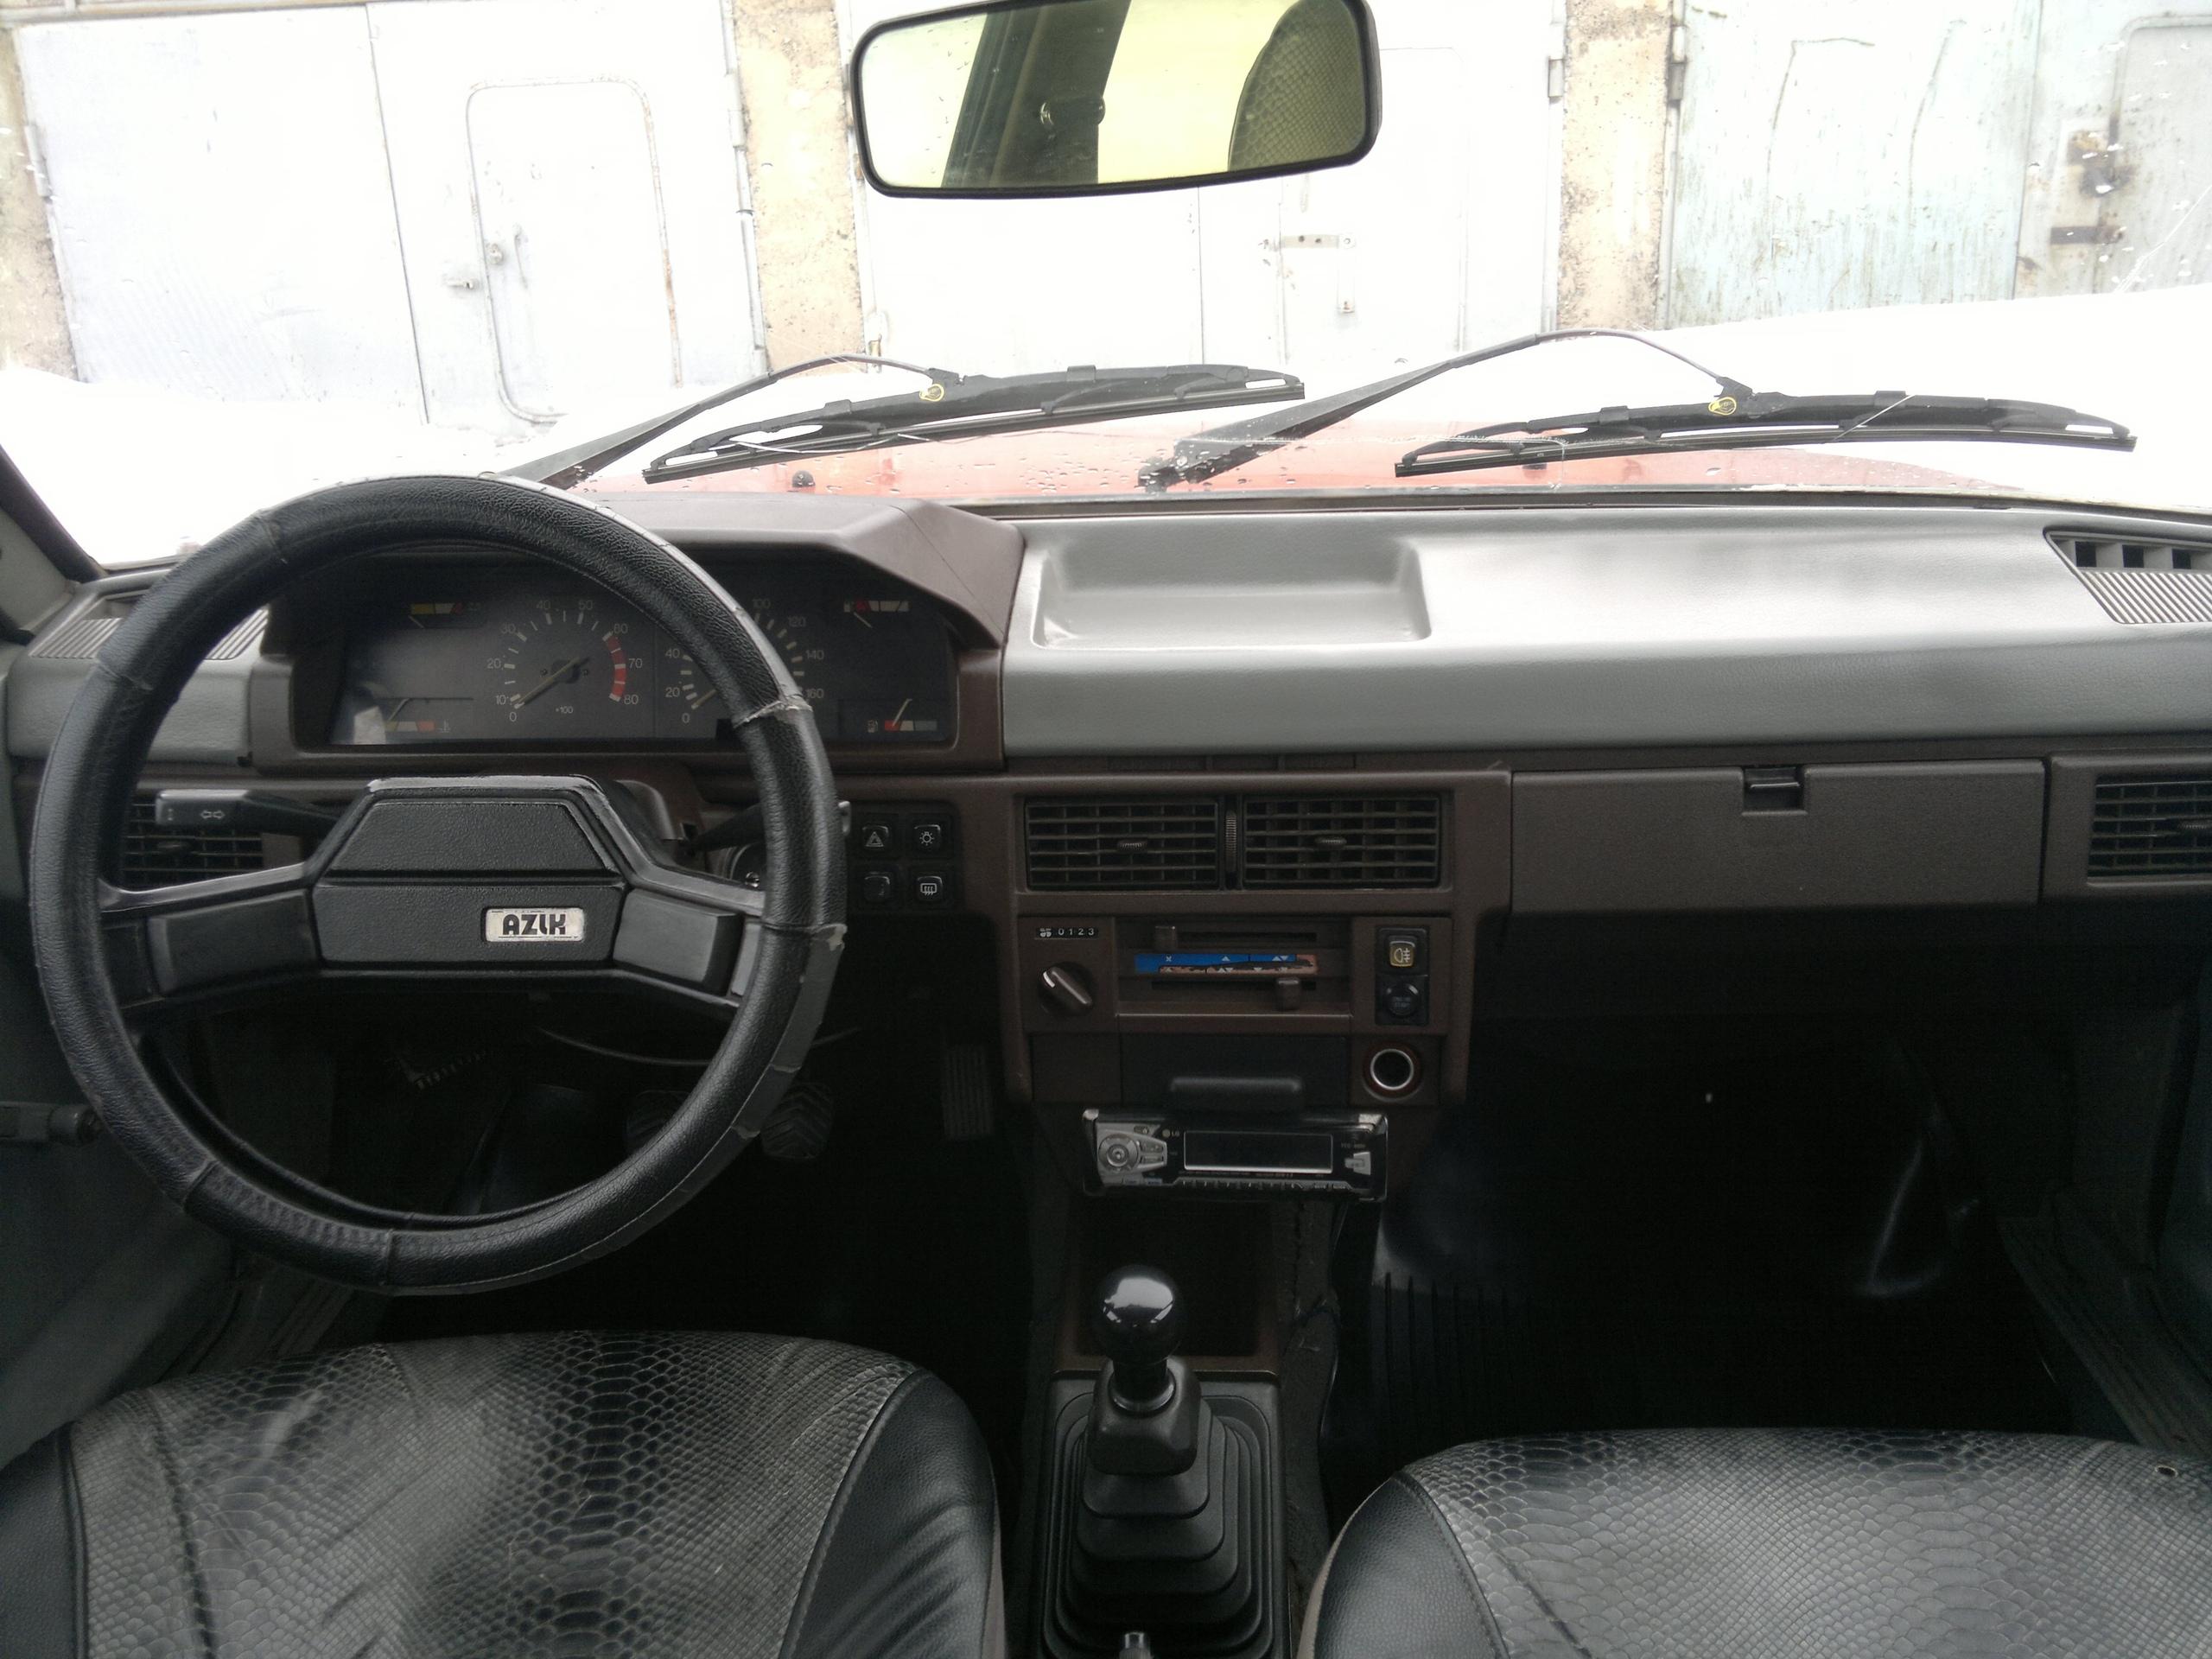 Москвич 2141, год 1989  двигатель ВАЗ 2106,  | Объявления Орска и Новотроицка №3118